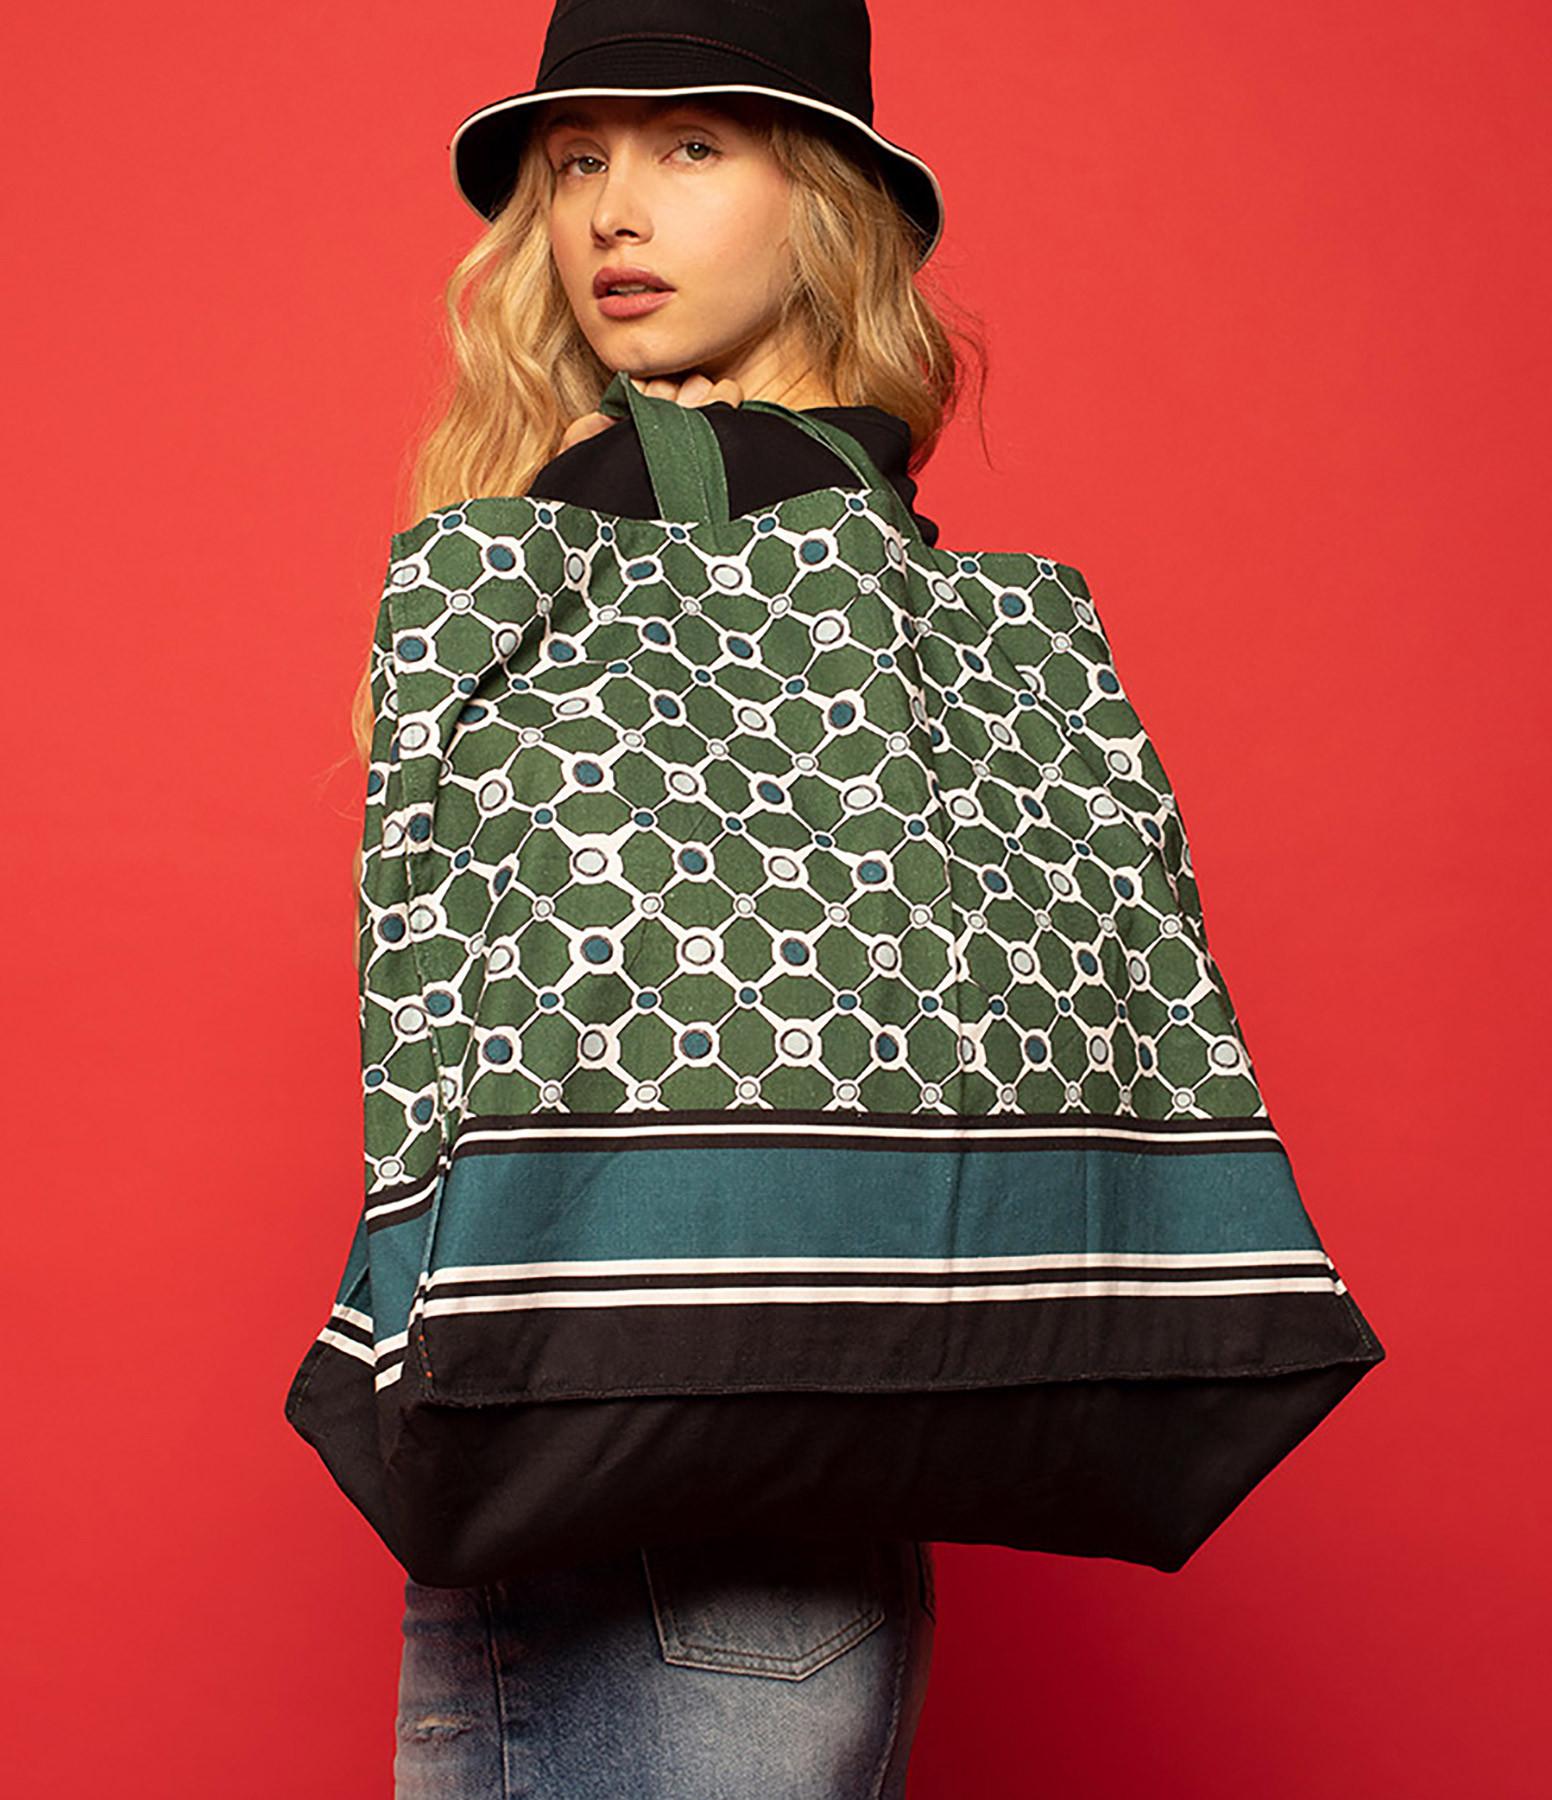 MAISON SARAH LAVOINE - Tote Bag Tuileries Imprimé Bosquet